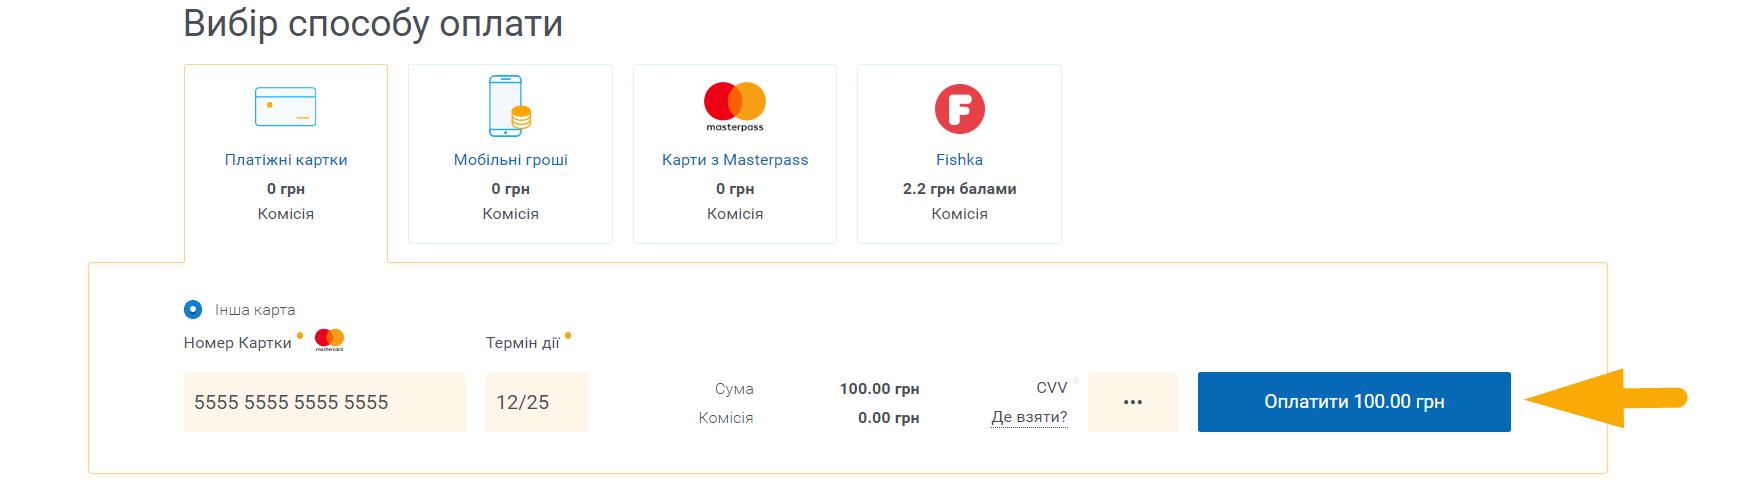 Як оплатити інтернет Бонус-Інформ (Bonus TV) - крок 4